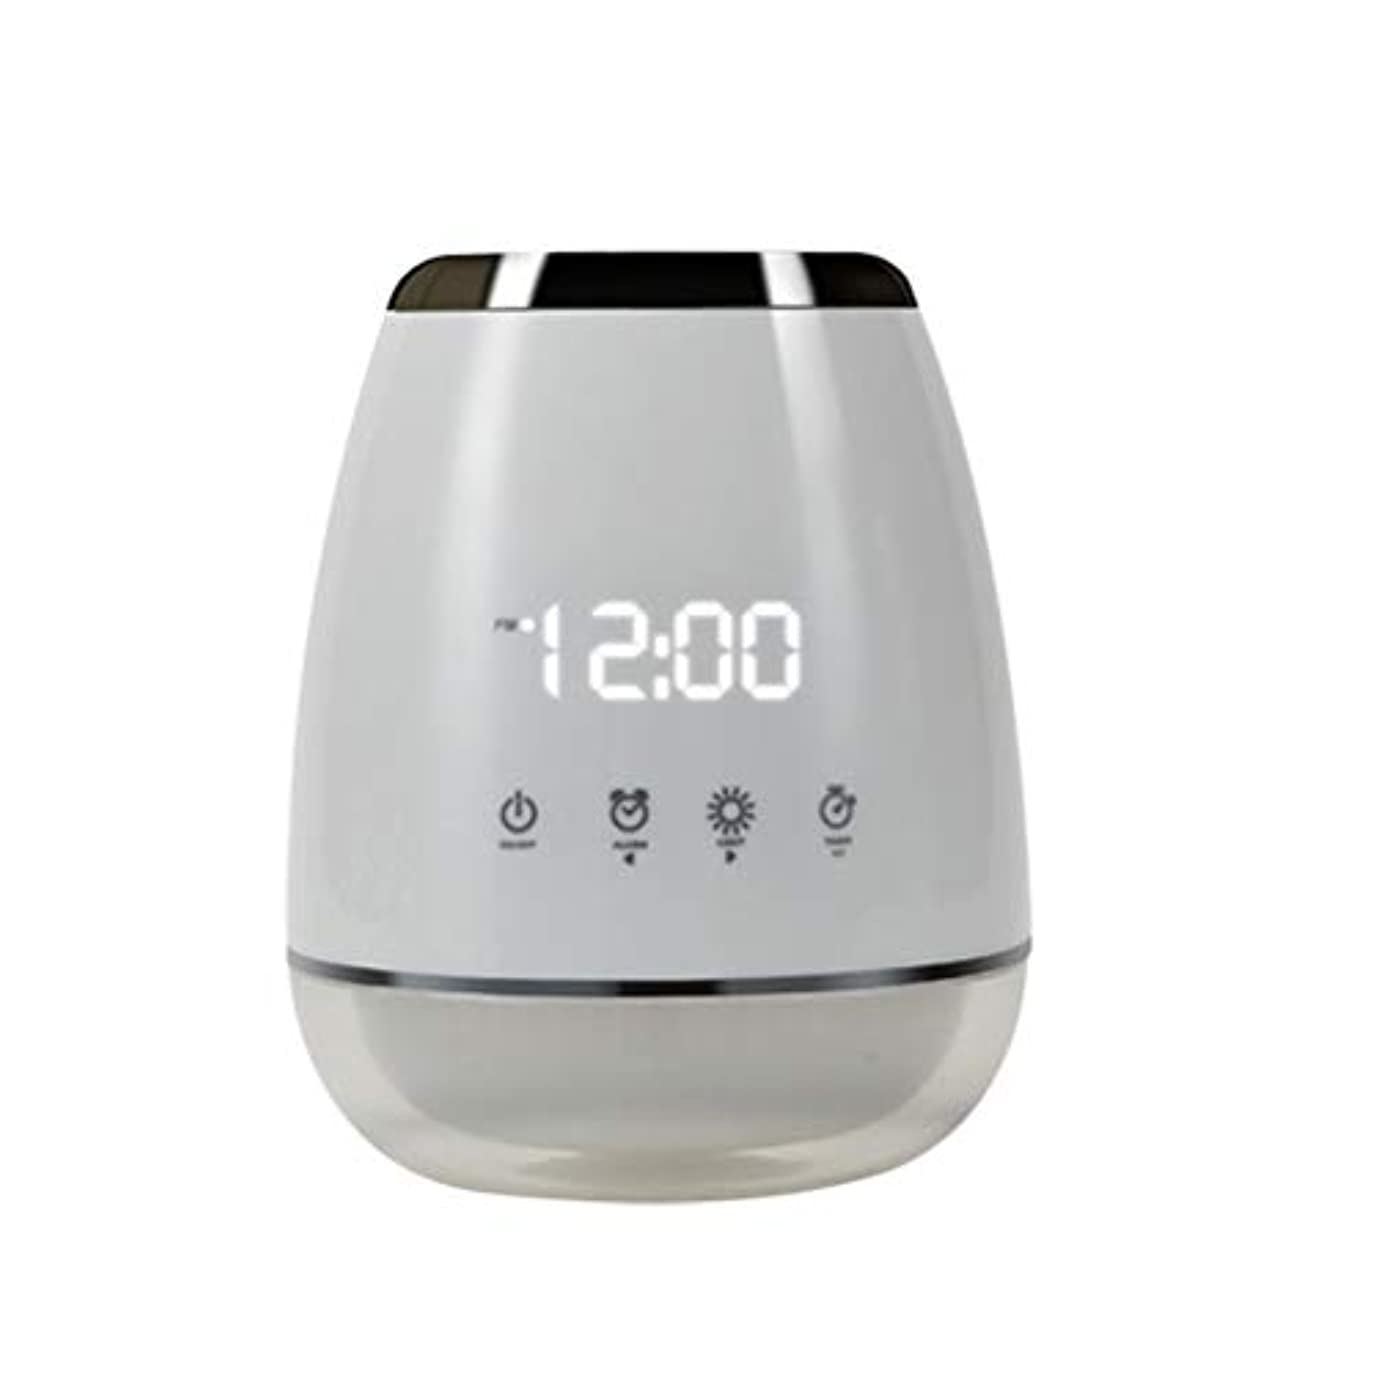 縁石反毒不正確エッセンシャルオイル アロマディフューザー 空気加湿器 アロマセラップ LED 超音波 クールミスト フォガー 加湿器 ディフューザー スプレー 家庭用 USプラグ付き ホワイト